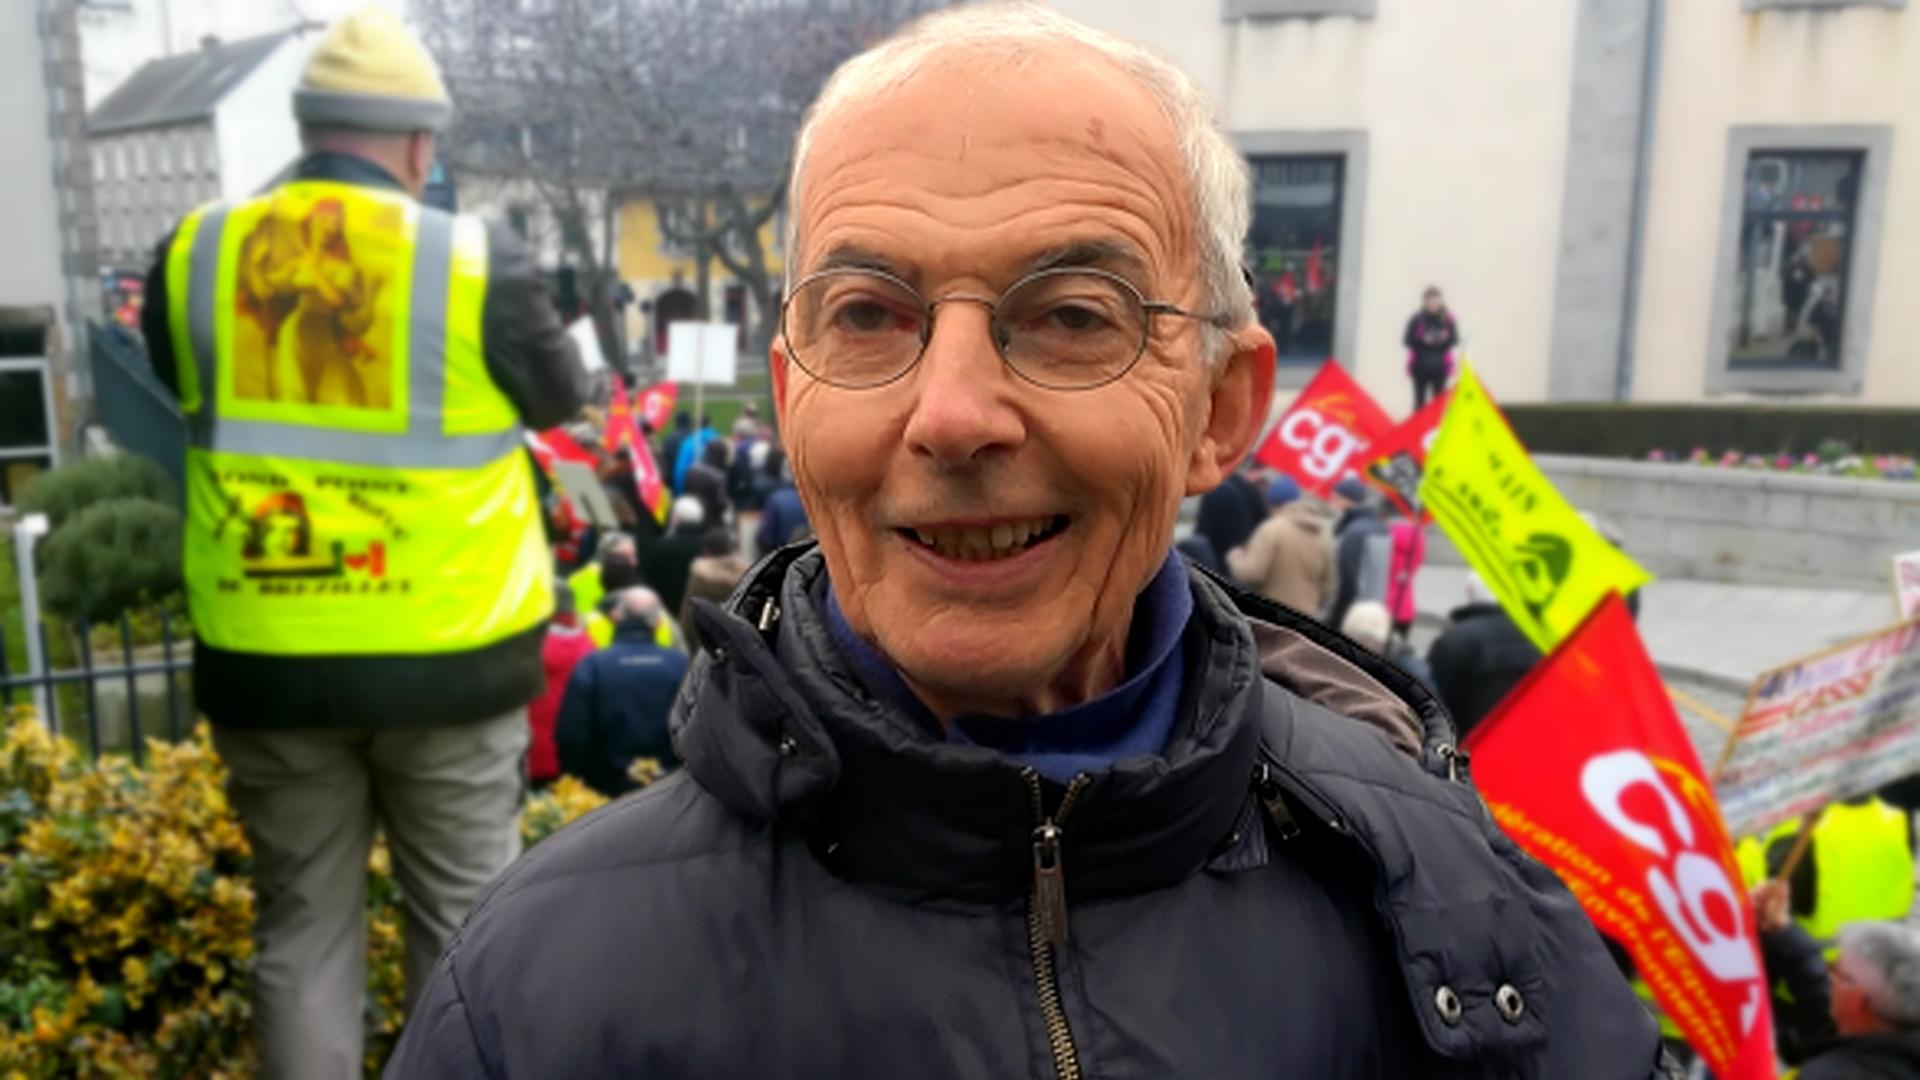 Interview de Serge Le Quéau de Solidaires lors de la manifestation du 24 janvier 2020 contre la réforme de retraites à points à Saint-Brieuc